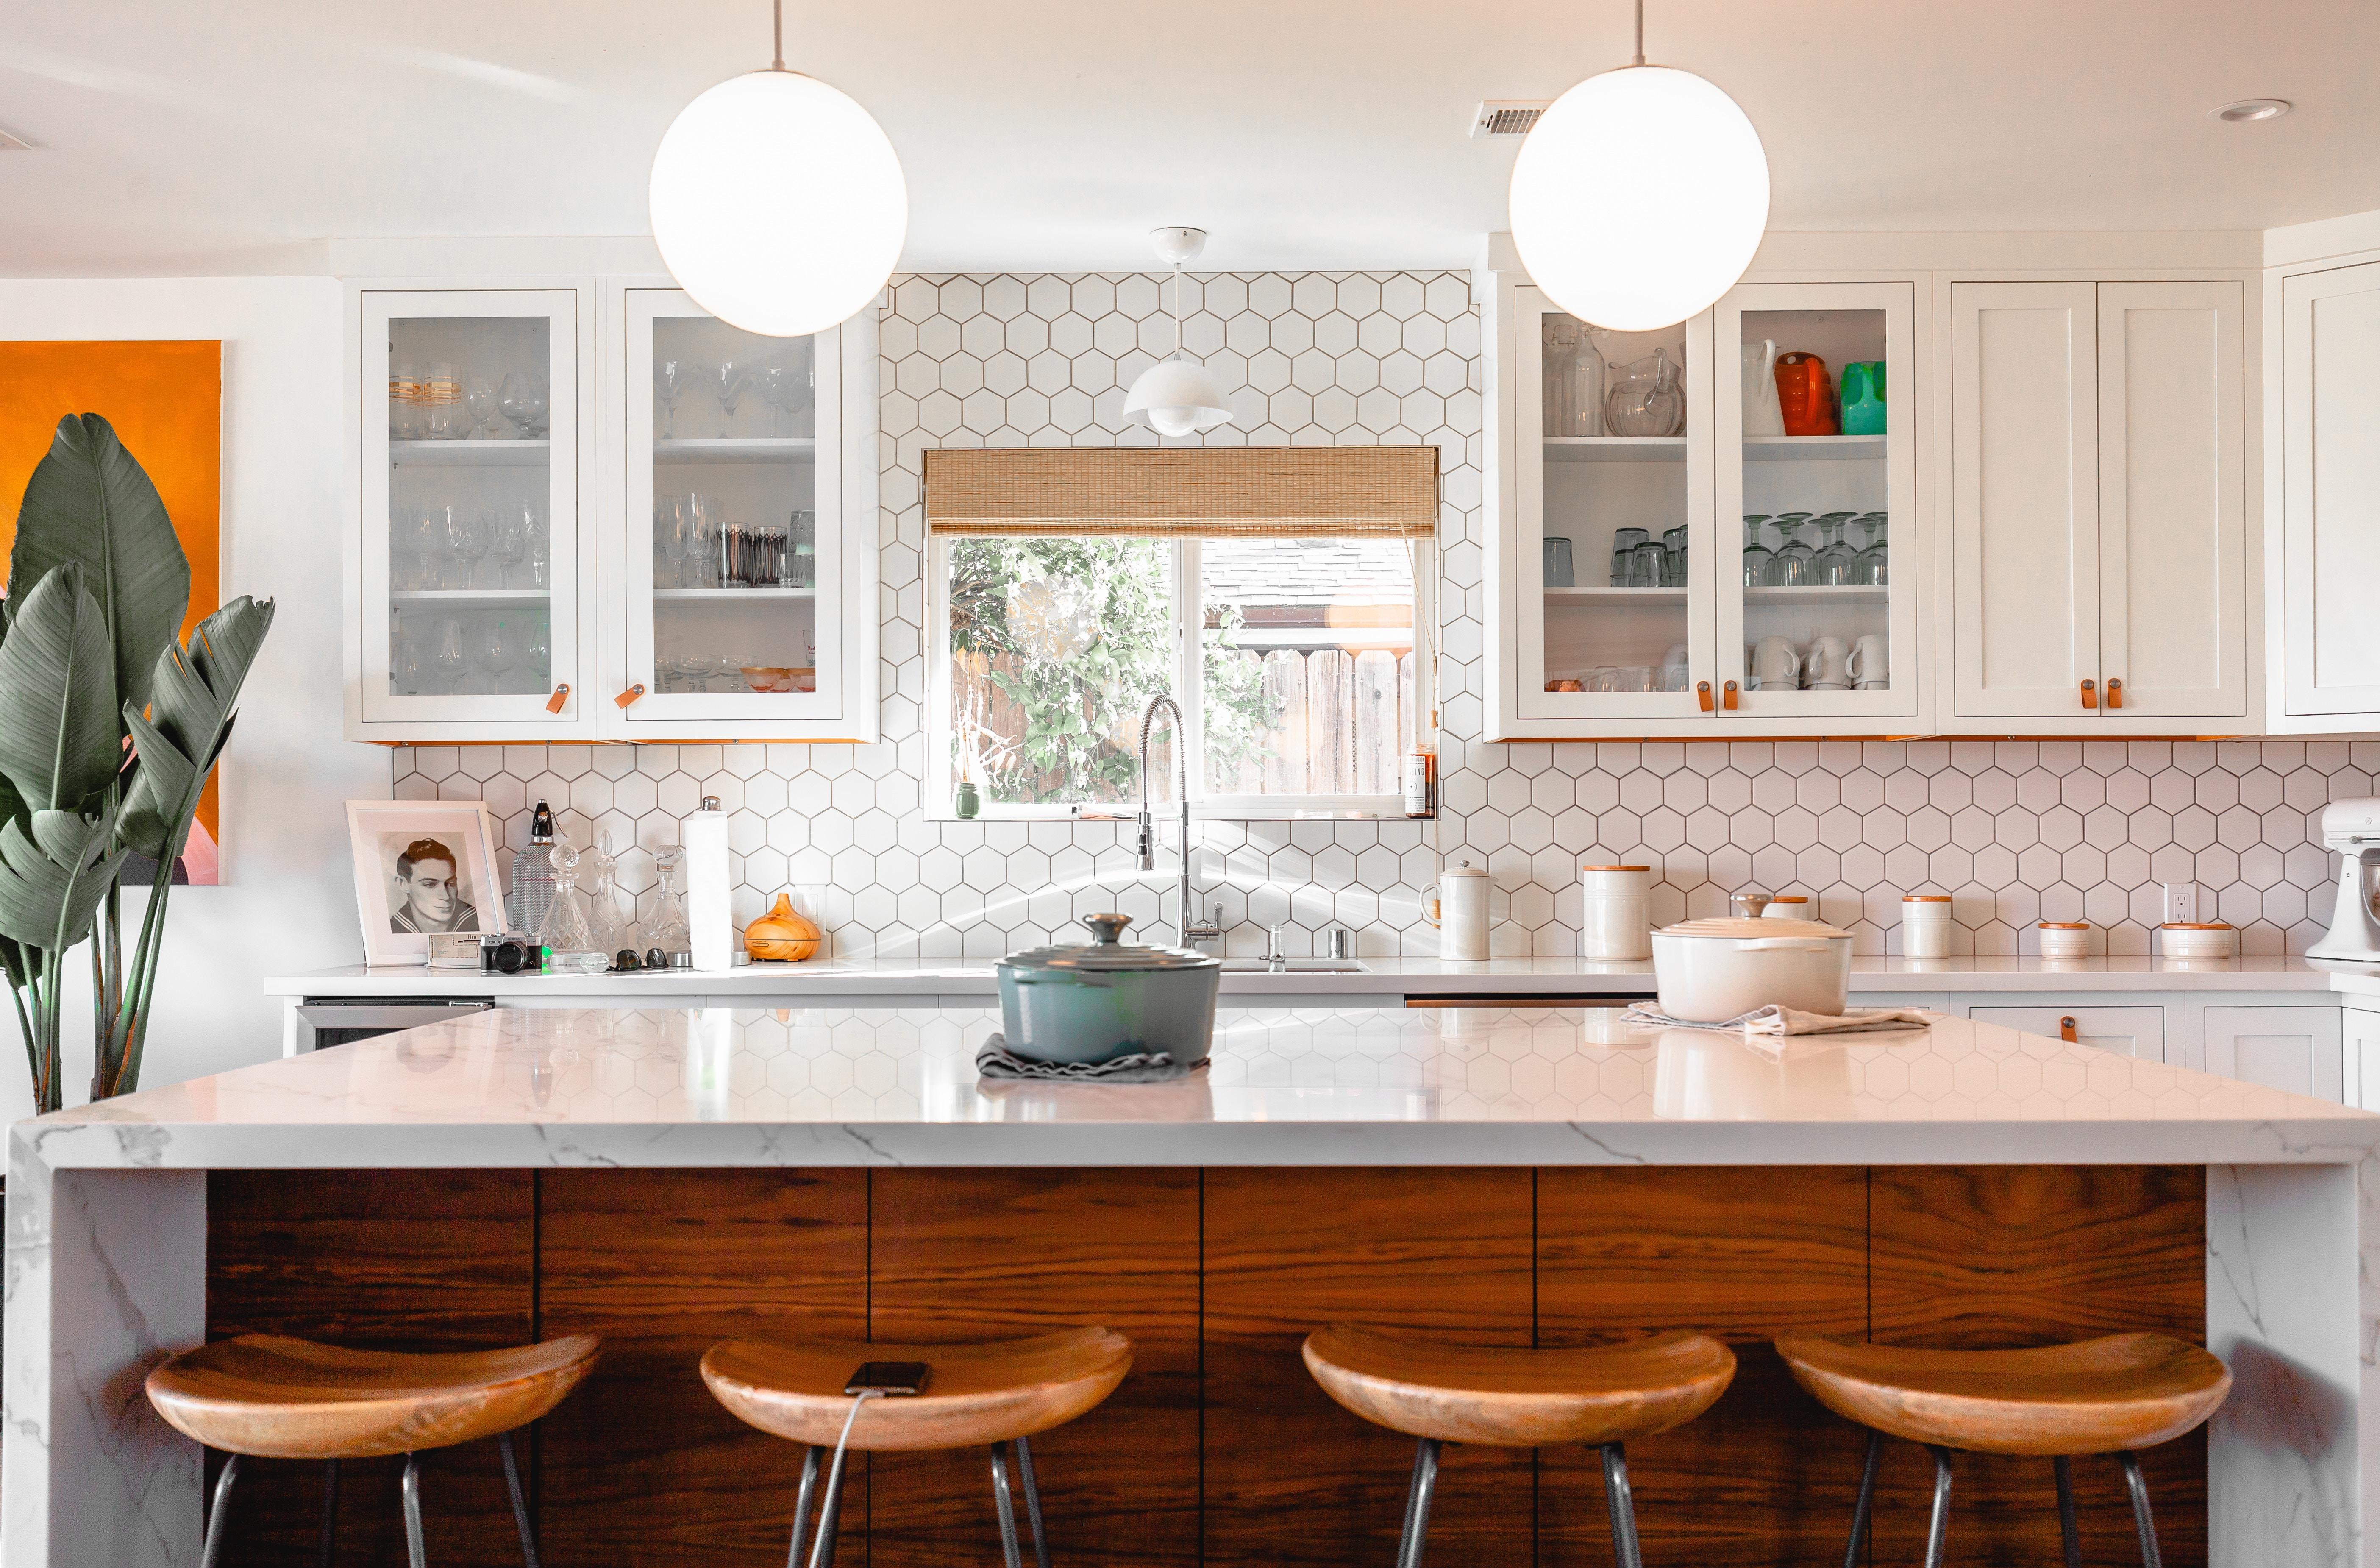 Arredare una cucina piccola: 4 idee tra stile e funzionalità ...